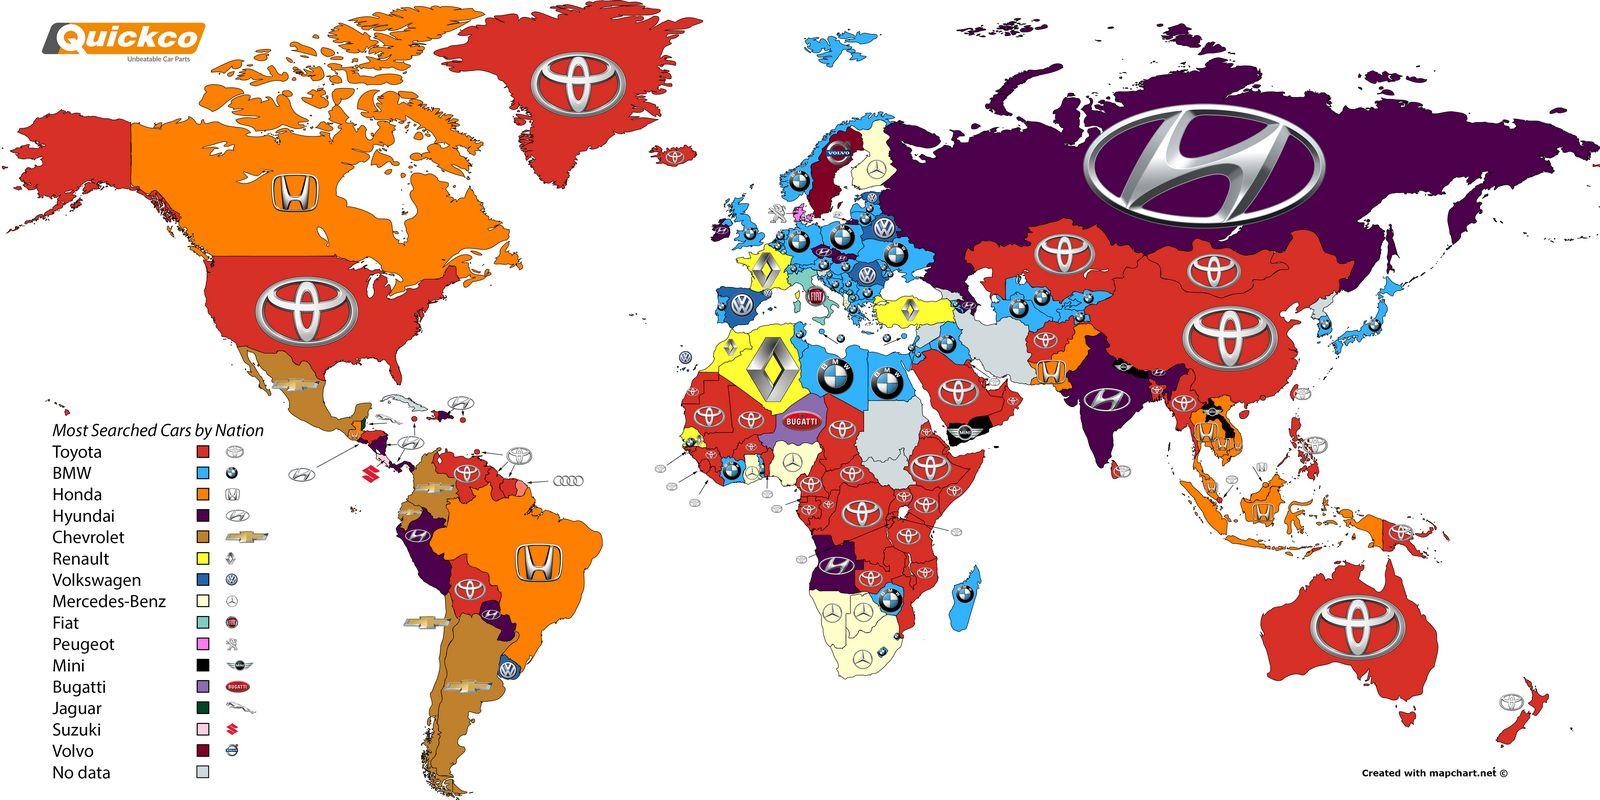 بیشترین برندهای گوگلی در کشورهای جهان